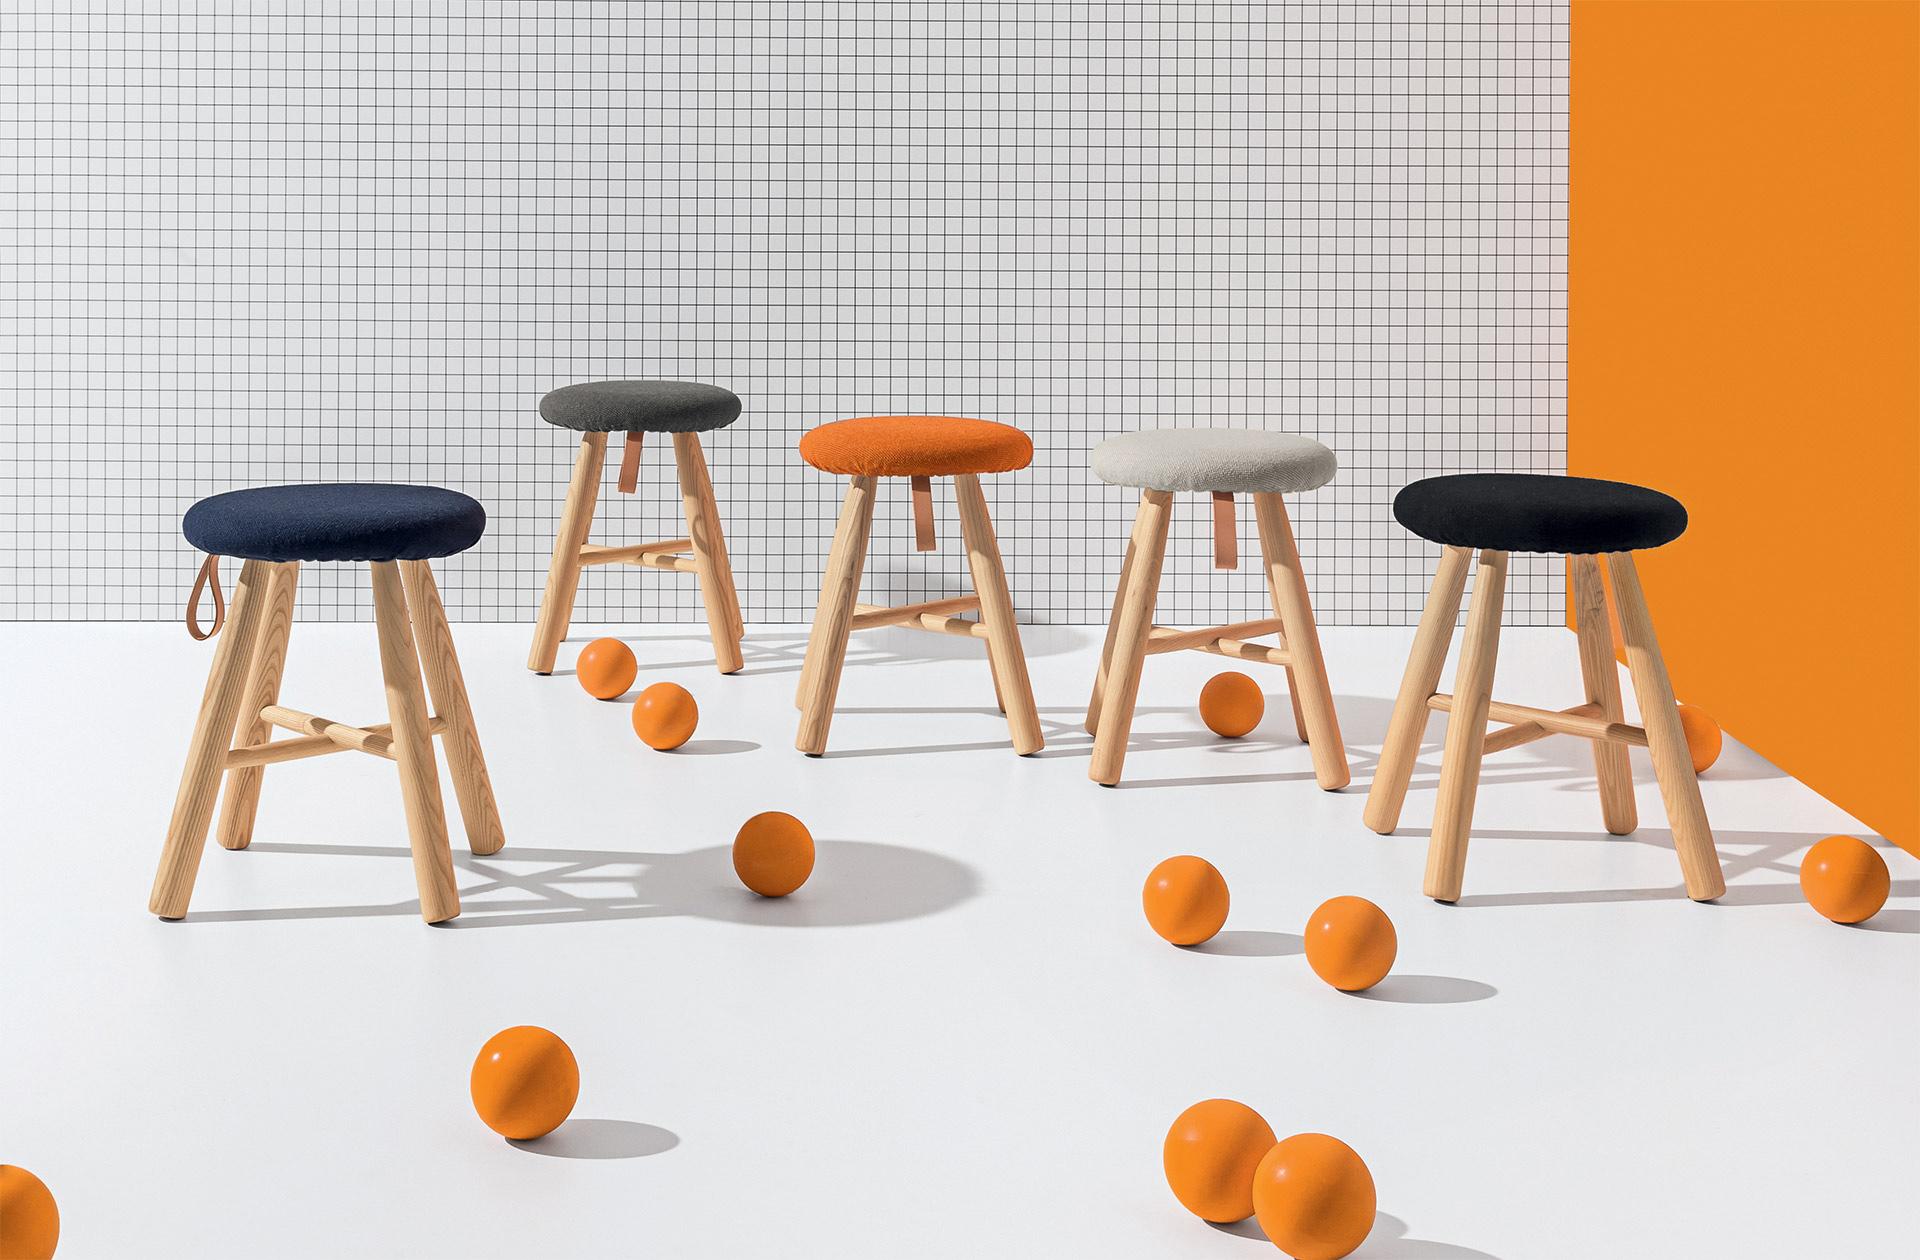 Sgabello In Legno Design : Tag stool sgabelli sgabelli in legno sgabelli cucina